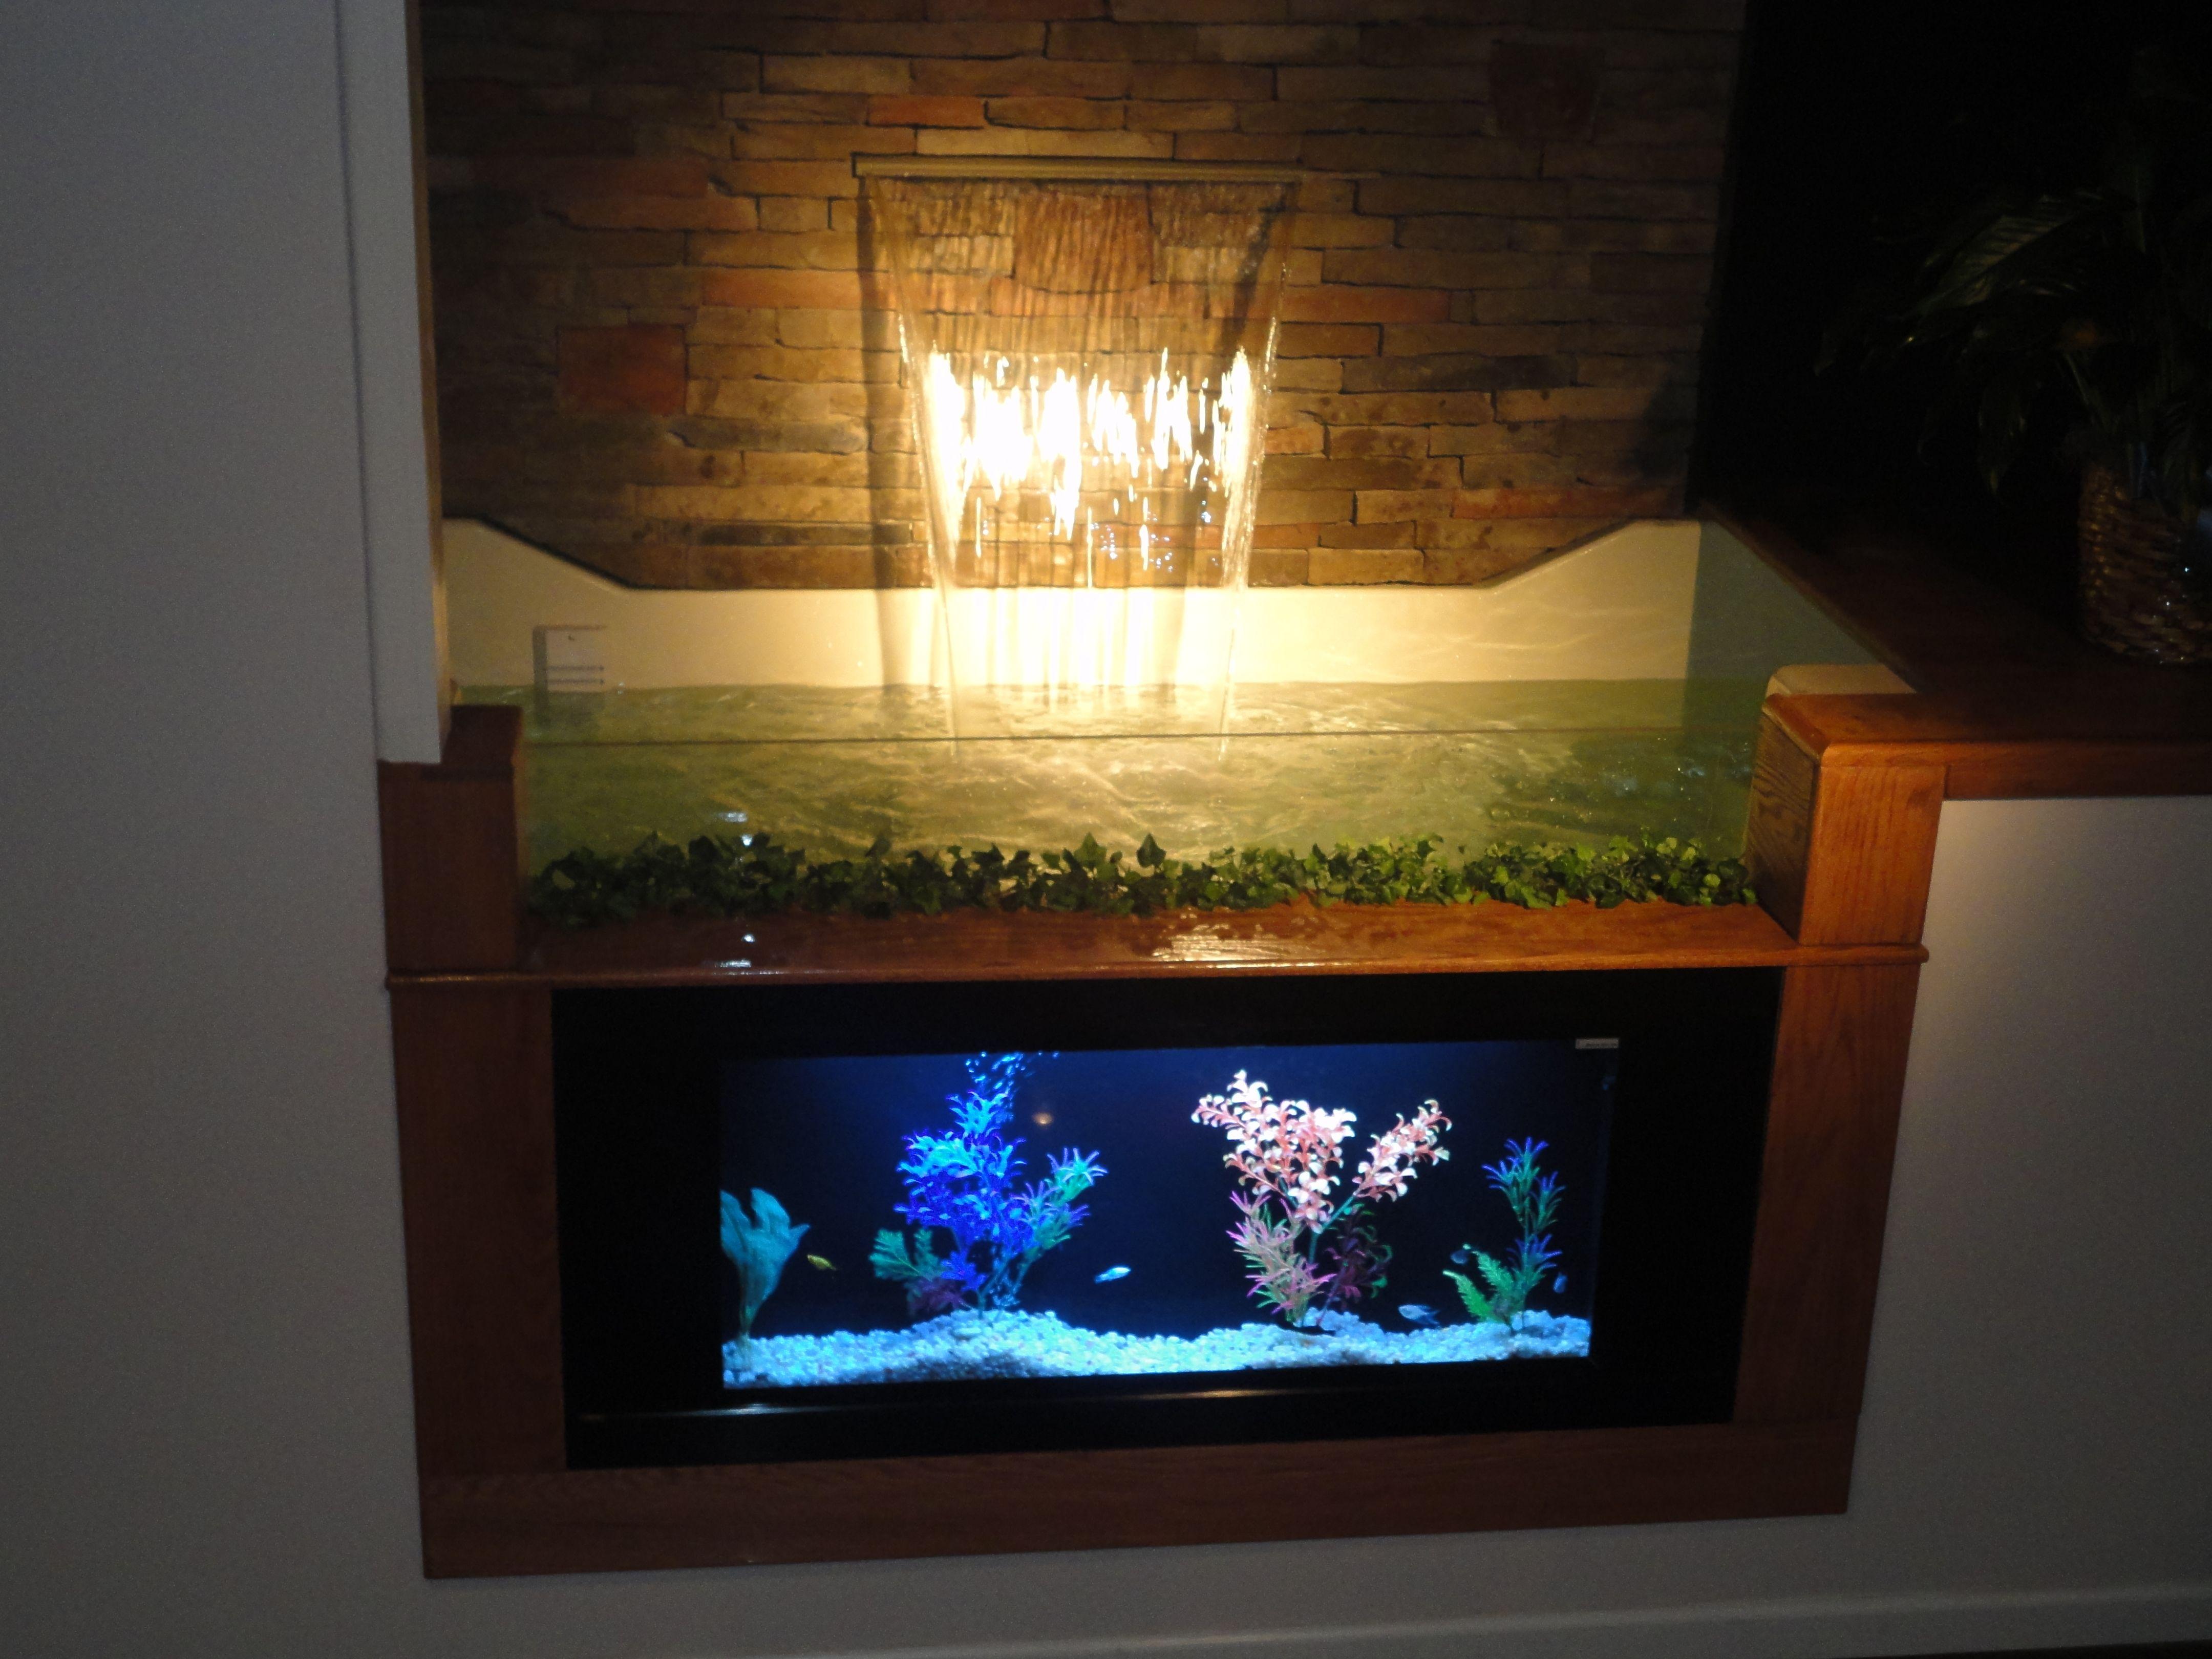 Fish aquarium information - Aquariums